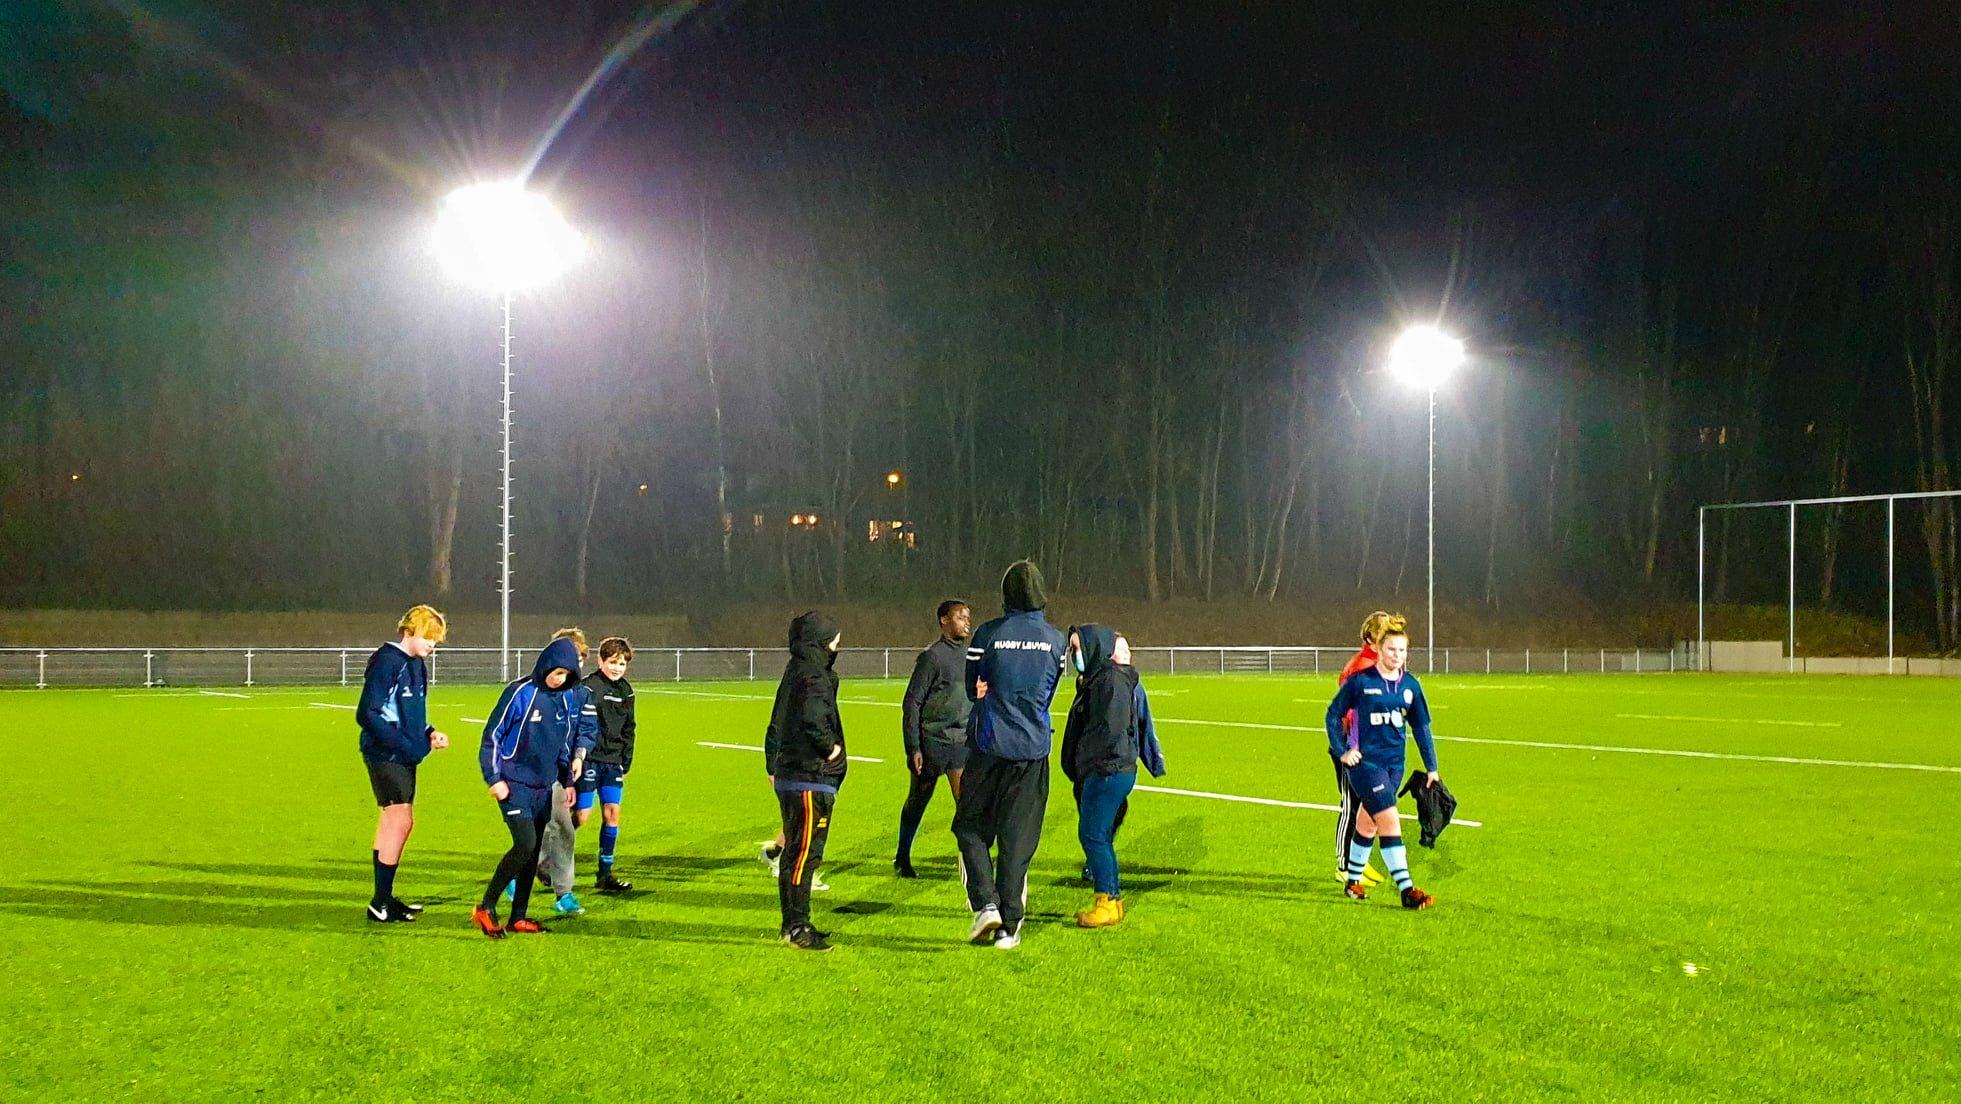 De jeugd van Rugby Club Leuven is opgelucht, ze trainen weer!